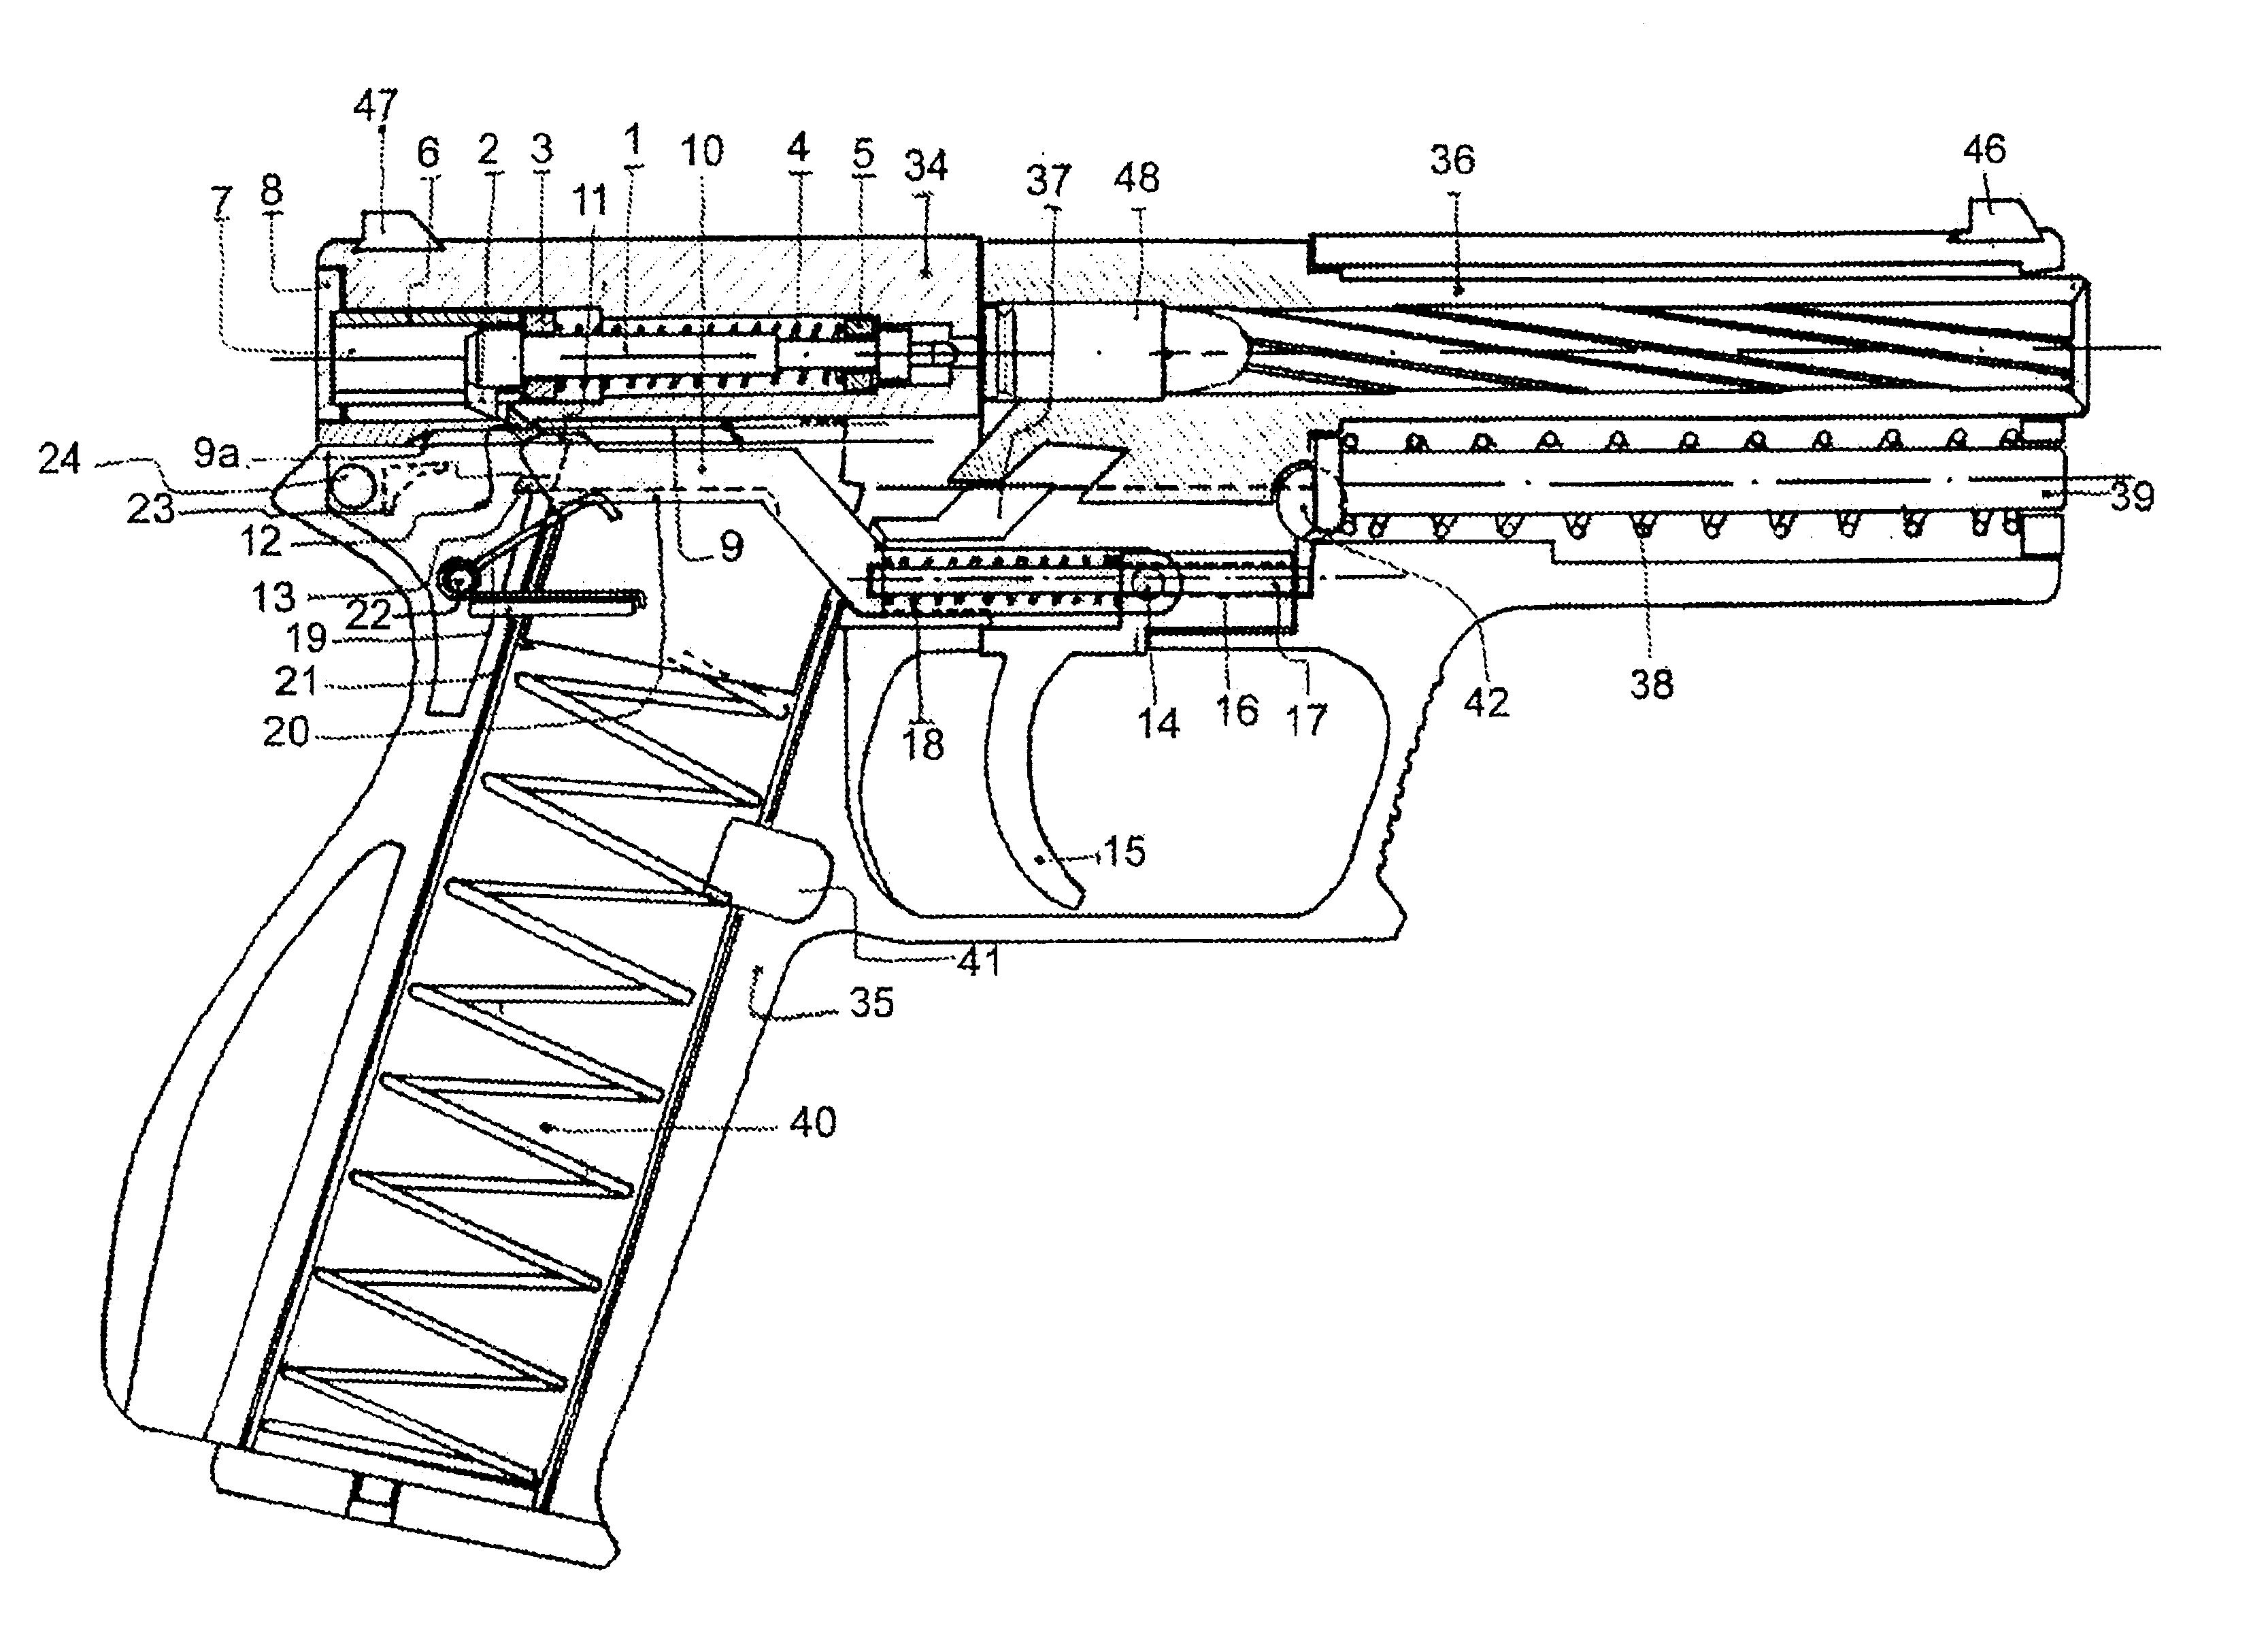 Firing Mechanisms For Guns : Patent us striker trigger mechanism for automatic